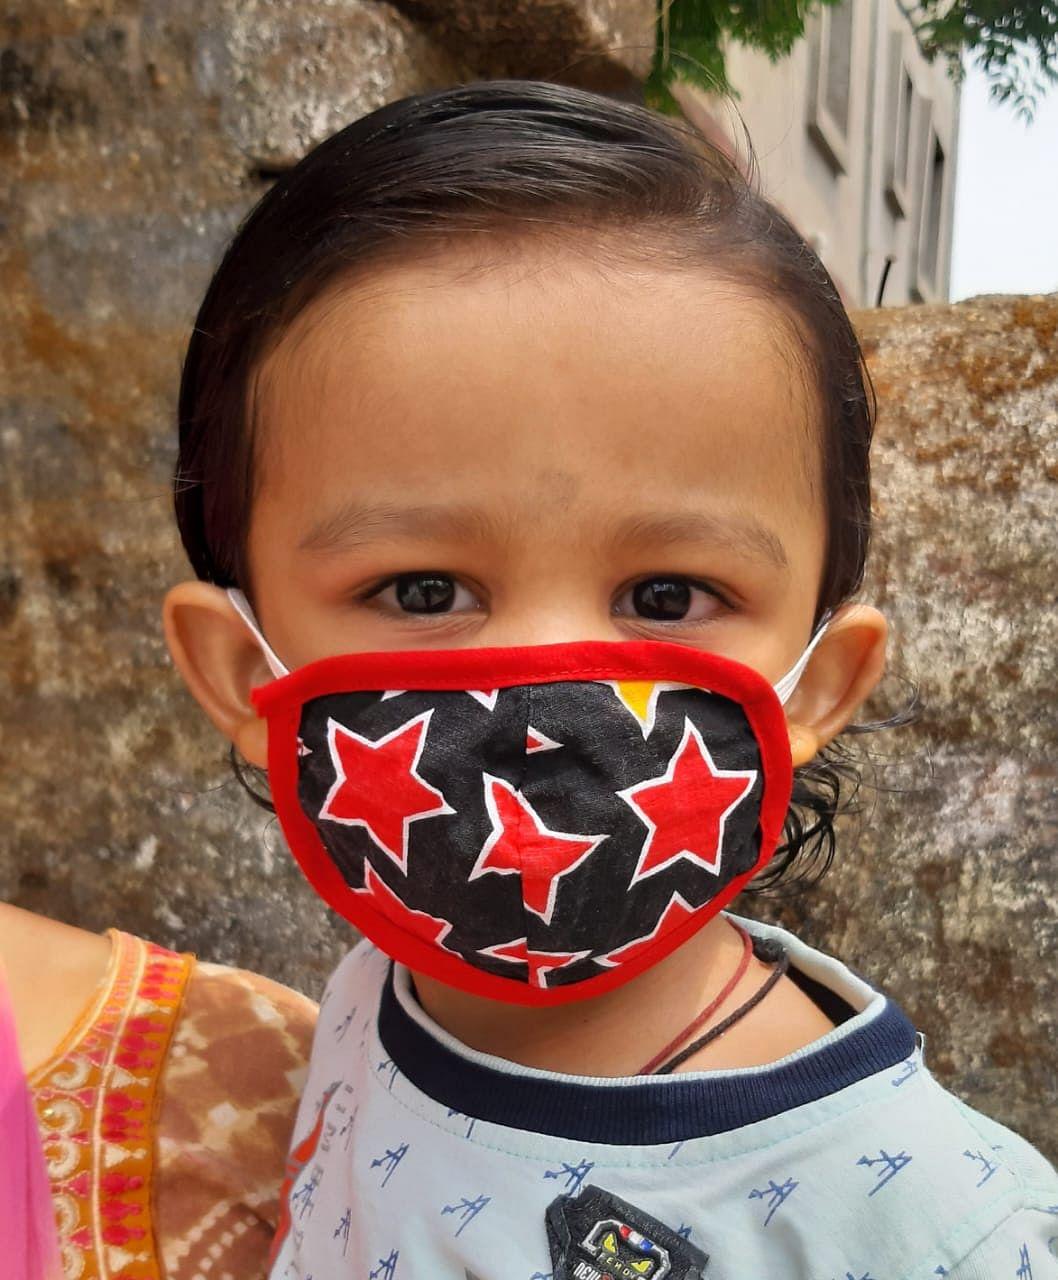 कोरोना से बच्चों को बचाने के लिए मास्क पहनना कितना जरुरी, जानें नयी गाइडलाइंस में क्या है